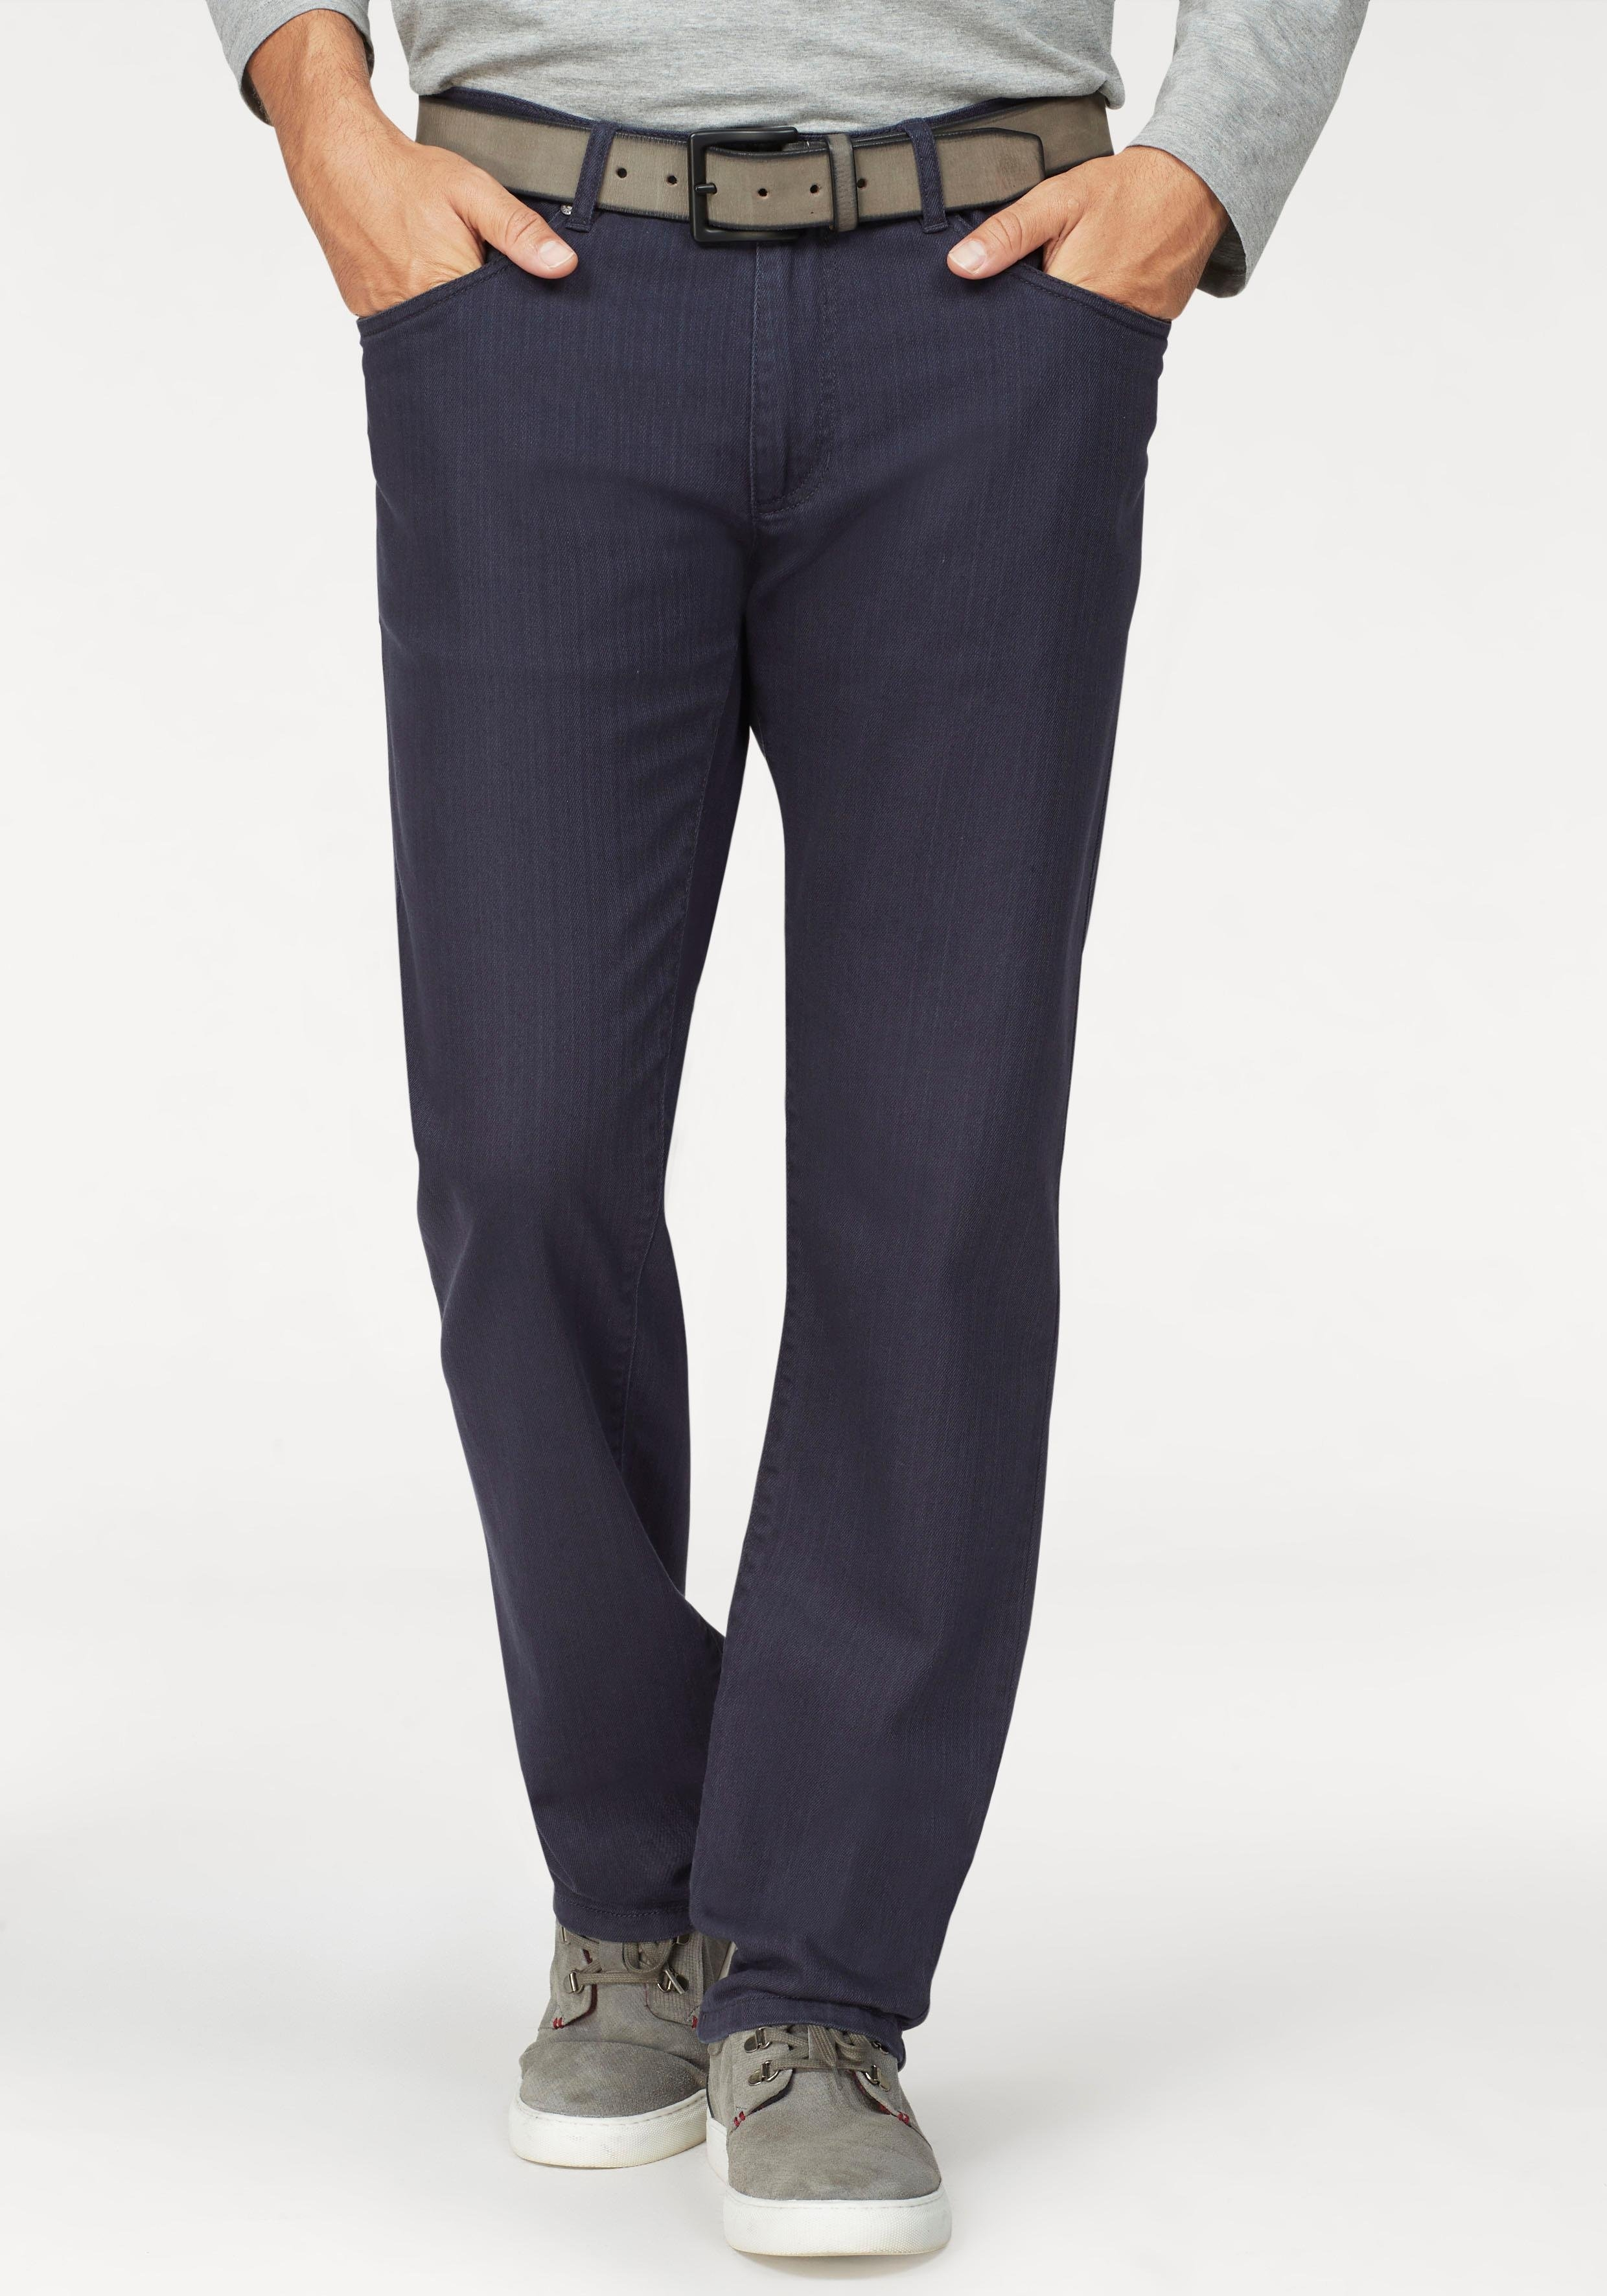 ARIZONA Stretch-broek in 5-pocketsstijl voordelig en veilig online kopen